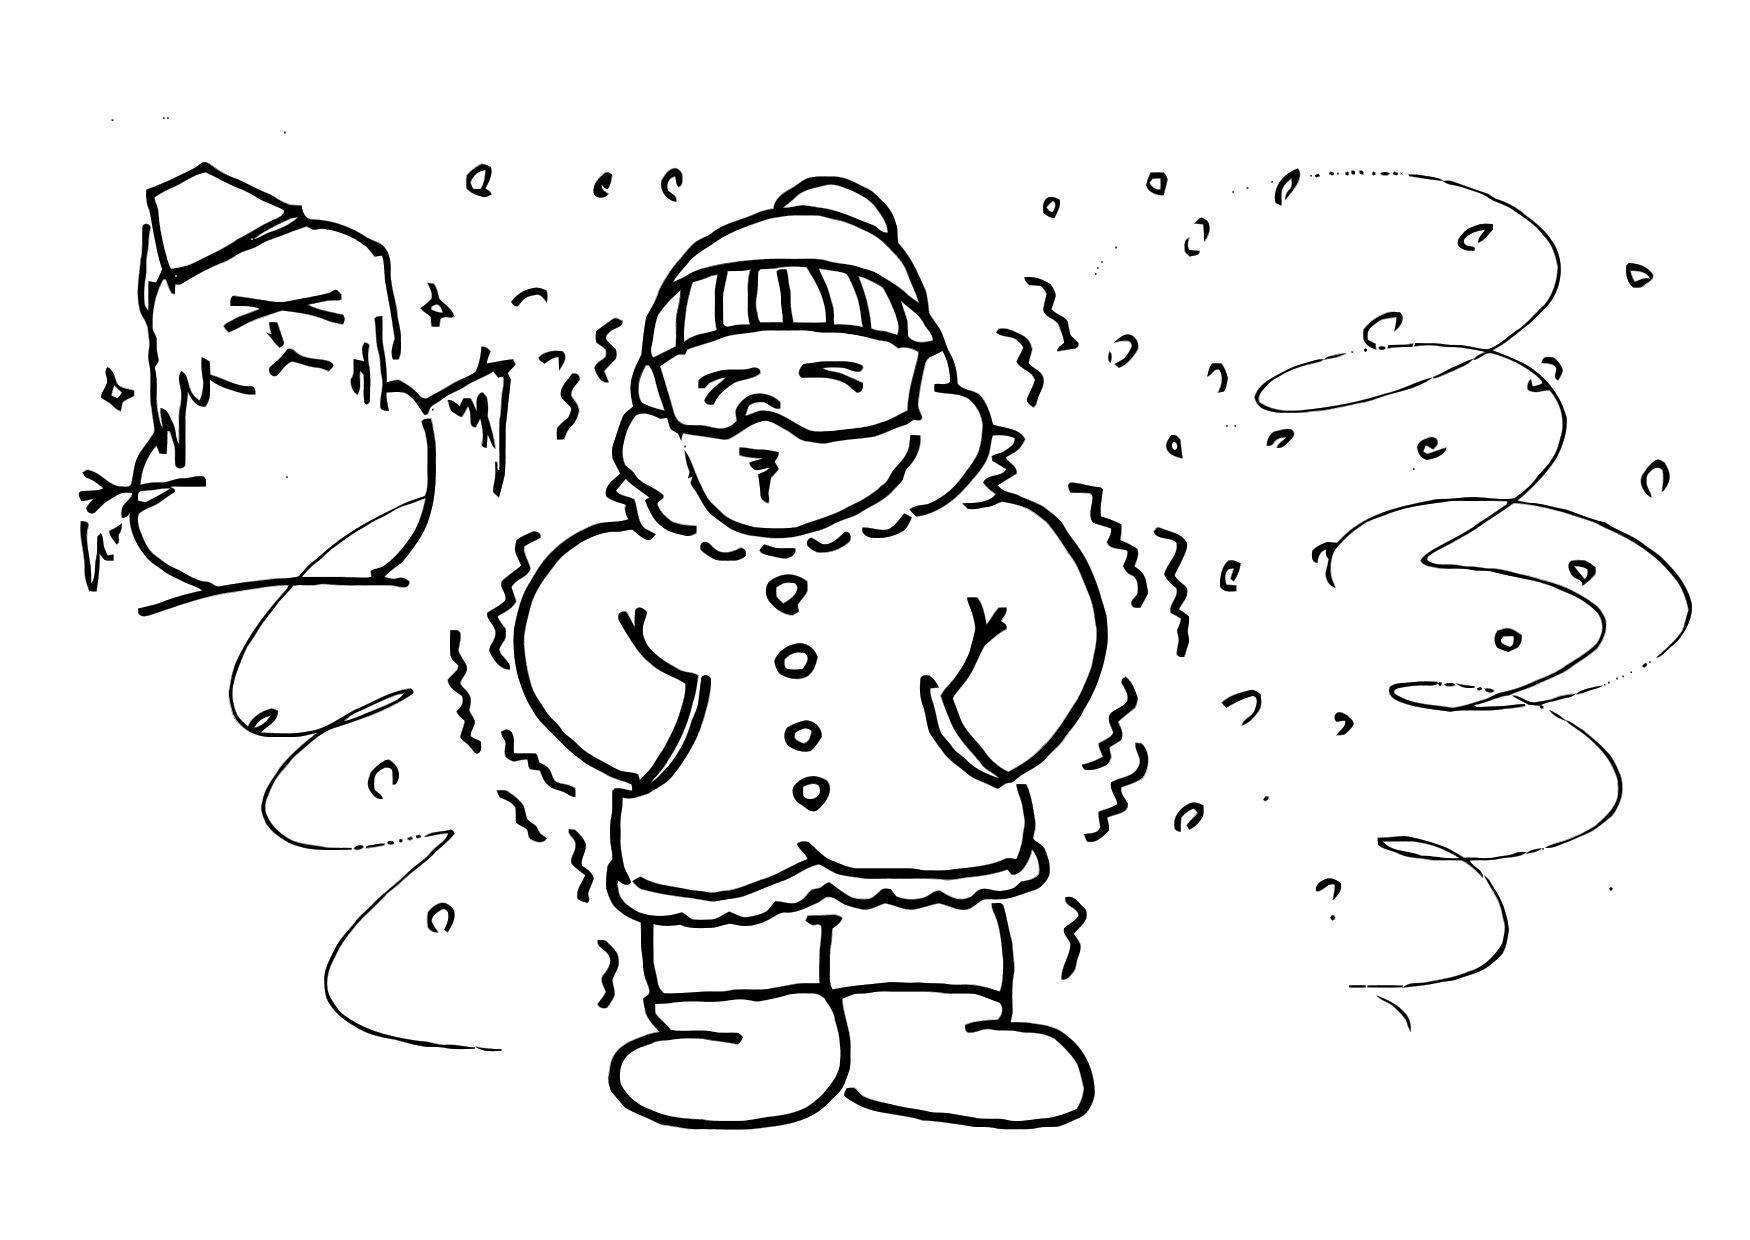 Dibujos De Cebollas Para Colorear: Dibujo Para Colorear 013b. Frío